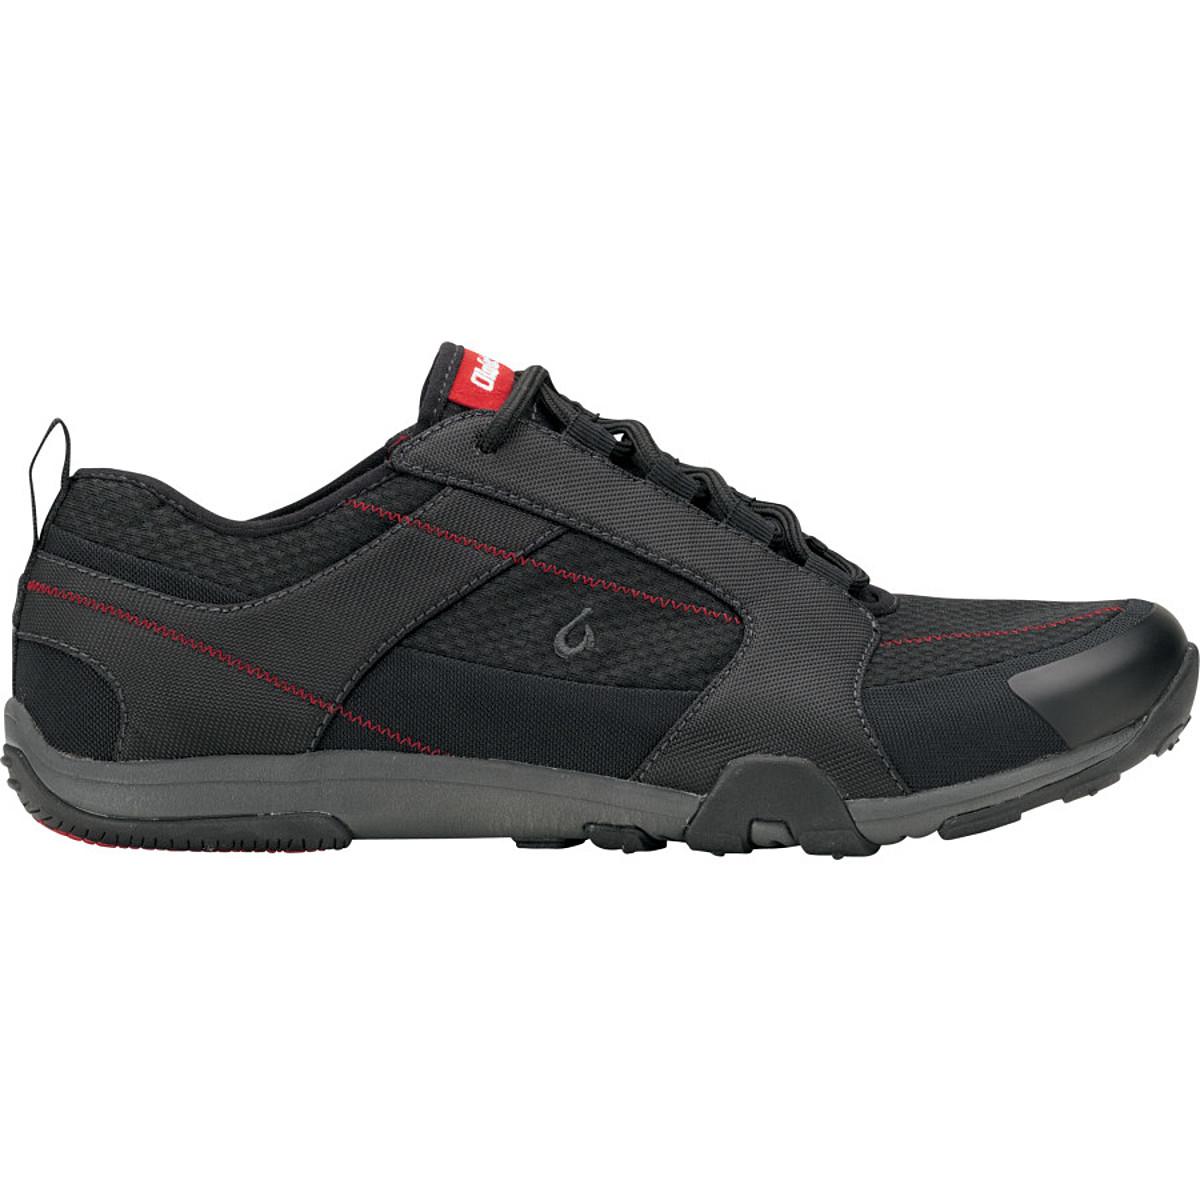 photo of a OluKai trail shoe